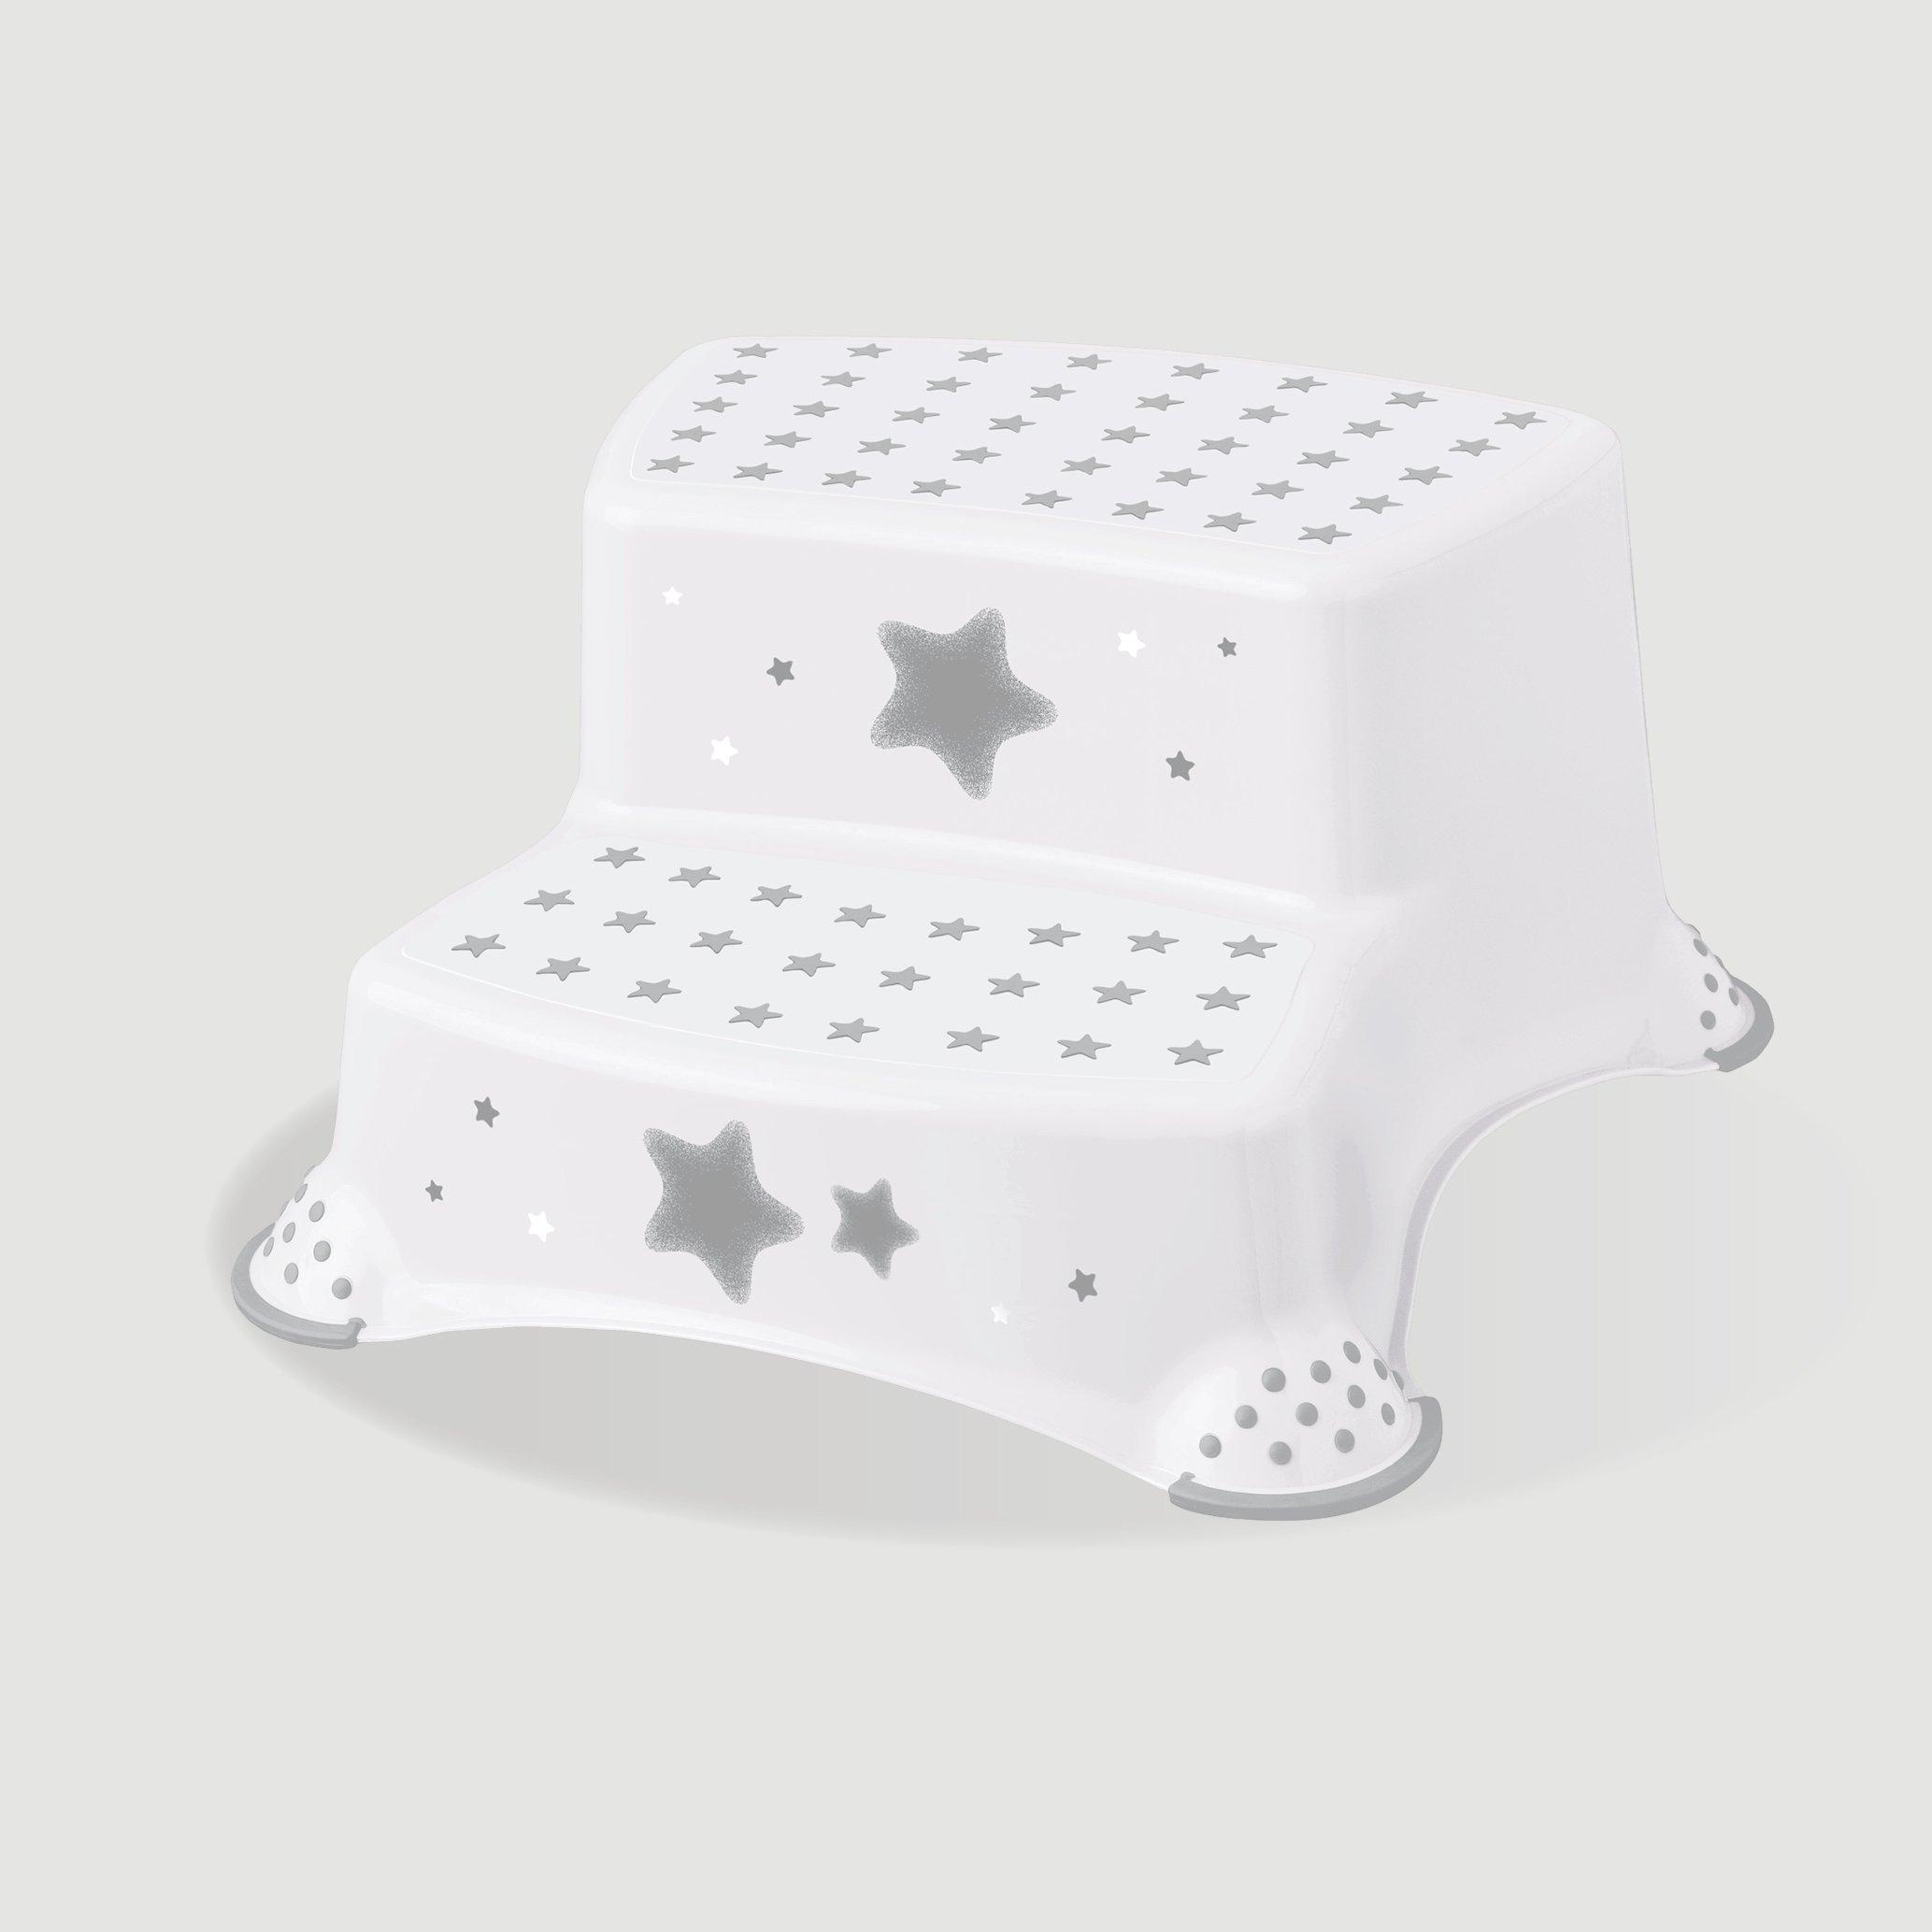 Proti�mykov� stupienok stoli�ka dvojstup�ov� stars biela